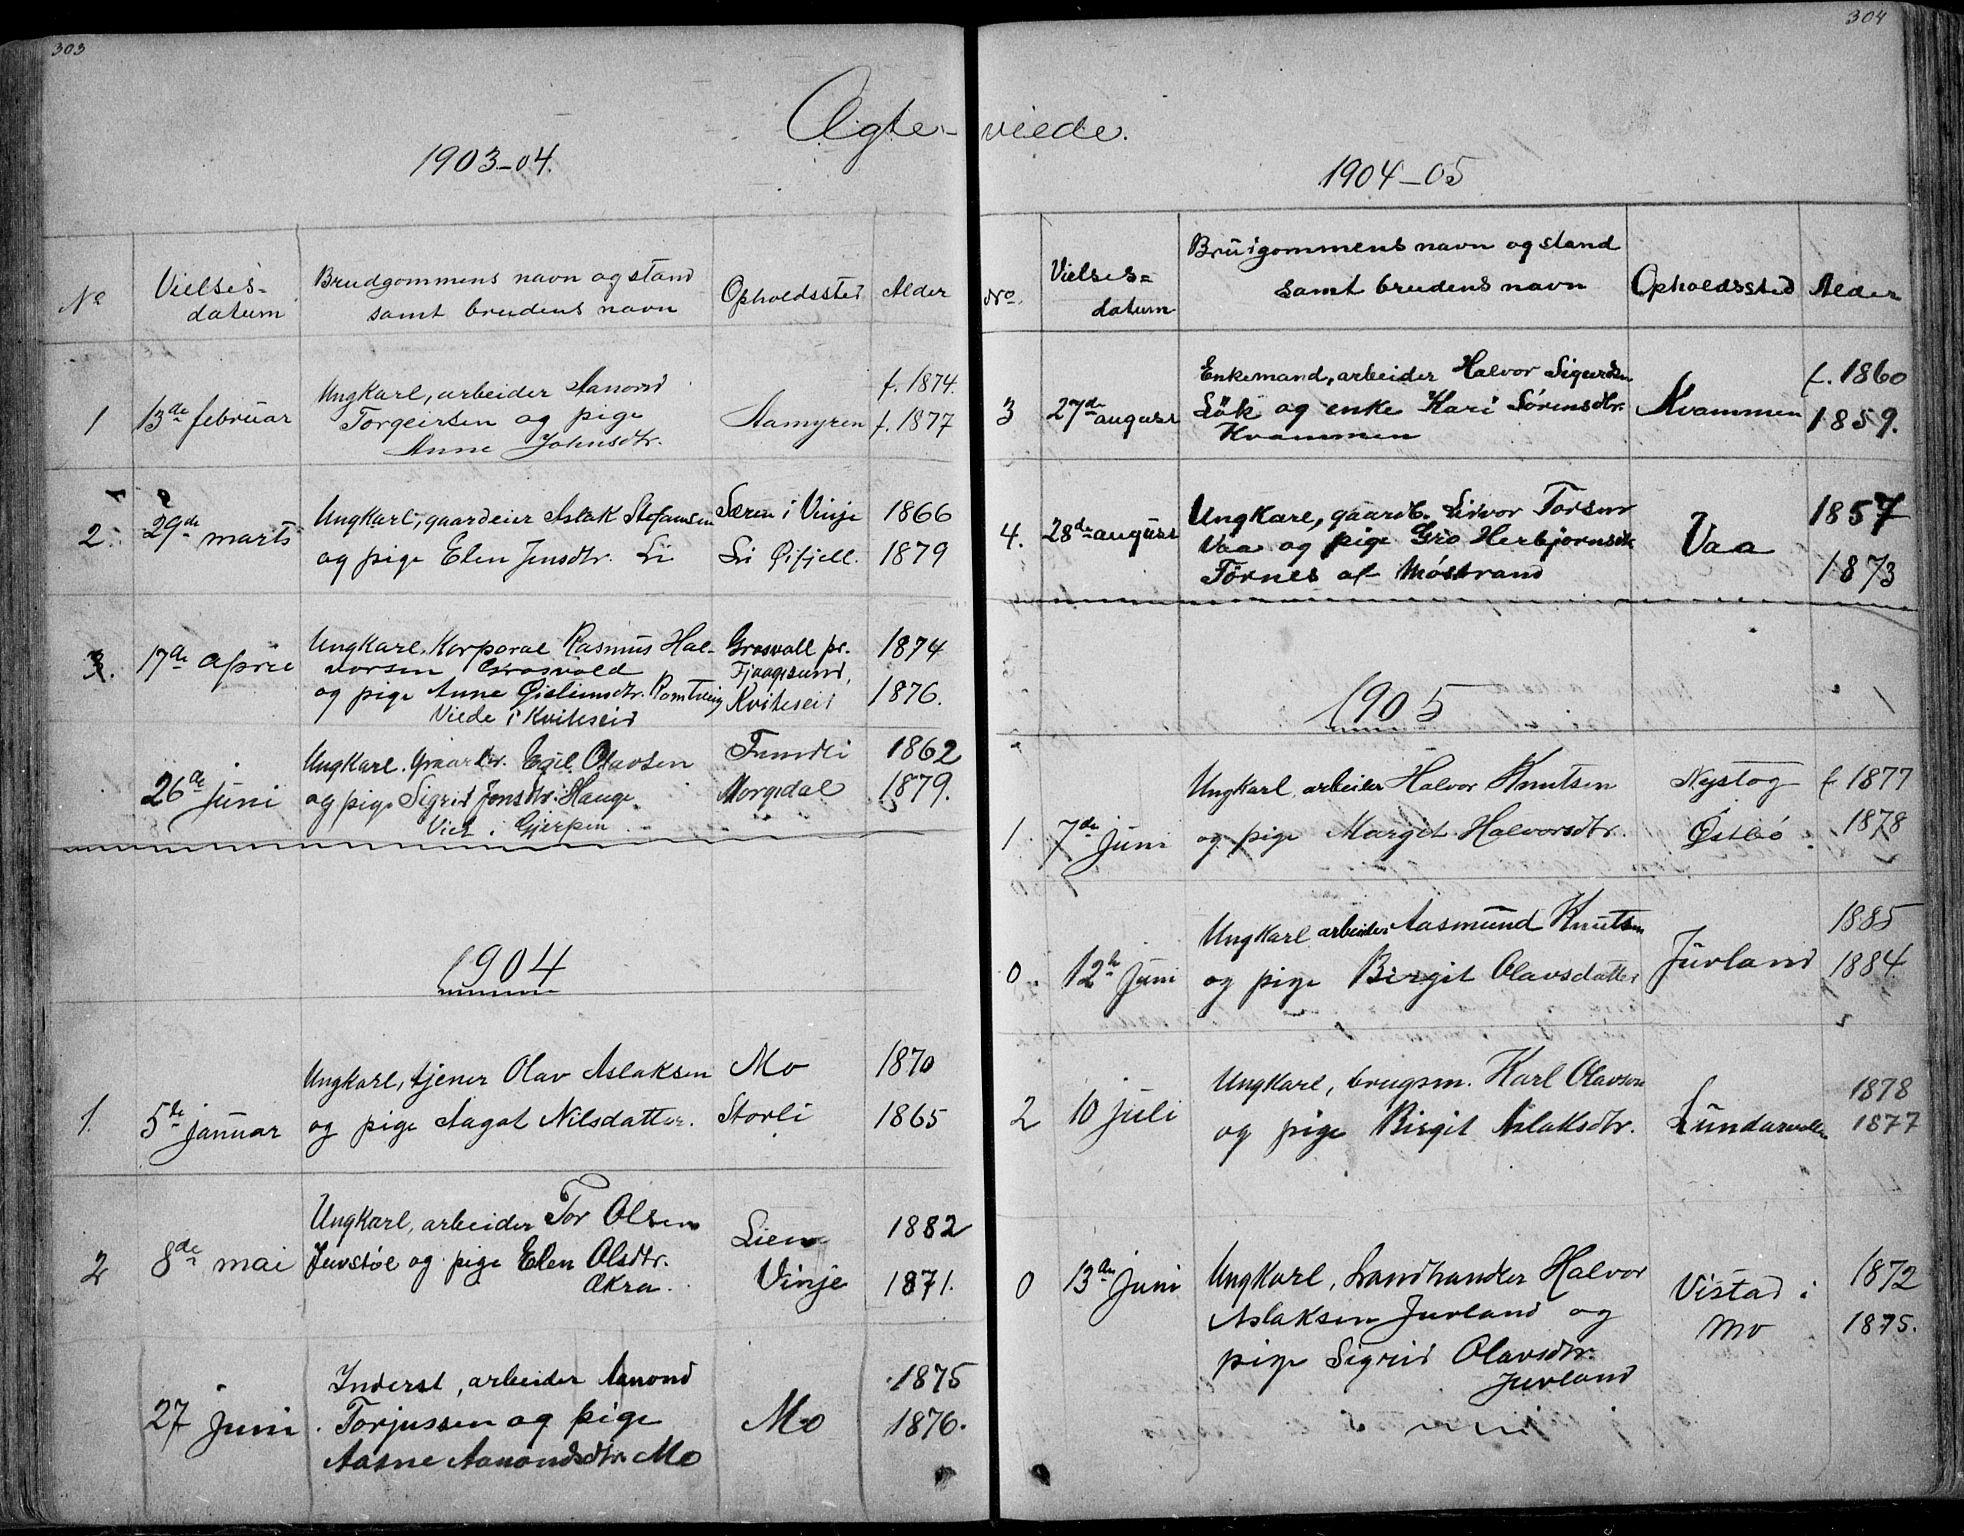 SAKO, Rauland kirkebøker, G/Ga/L0002: Klokkerbok nr. I 2, 1849-1935, s. 303-304